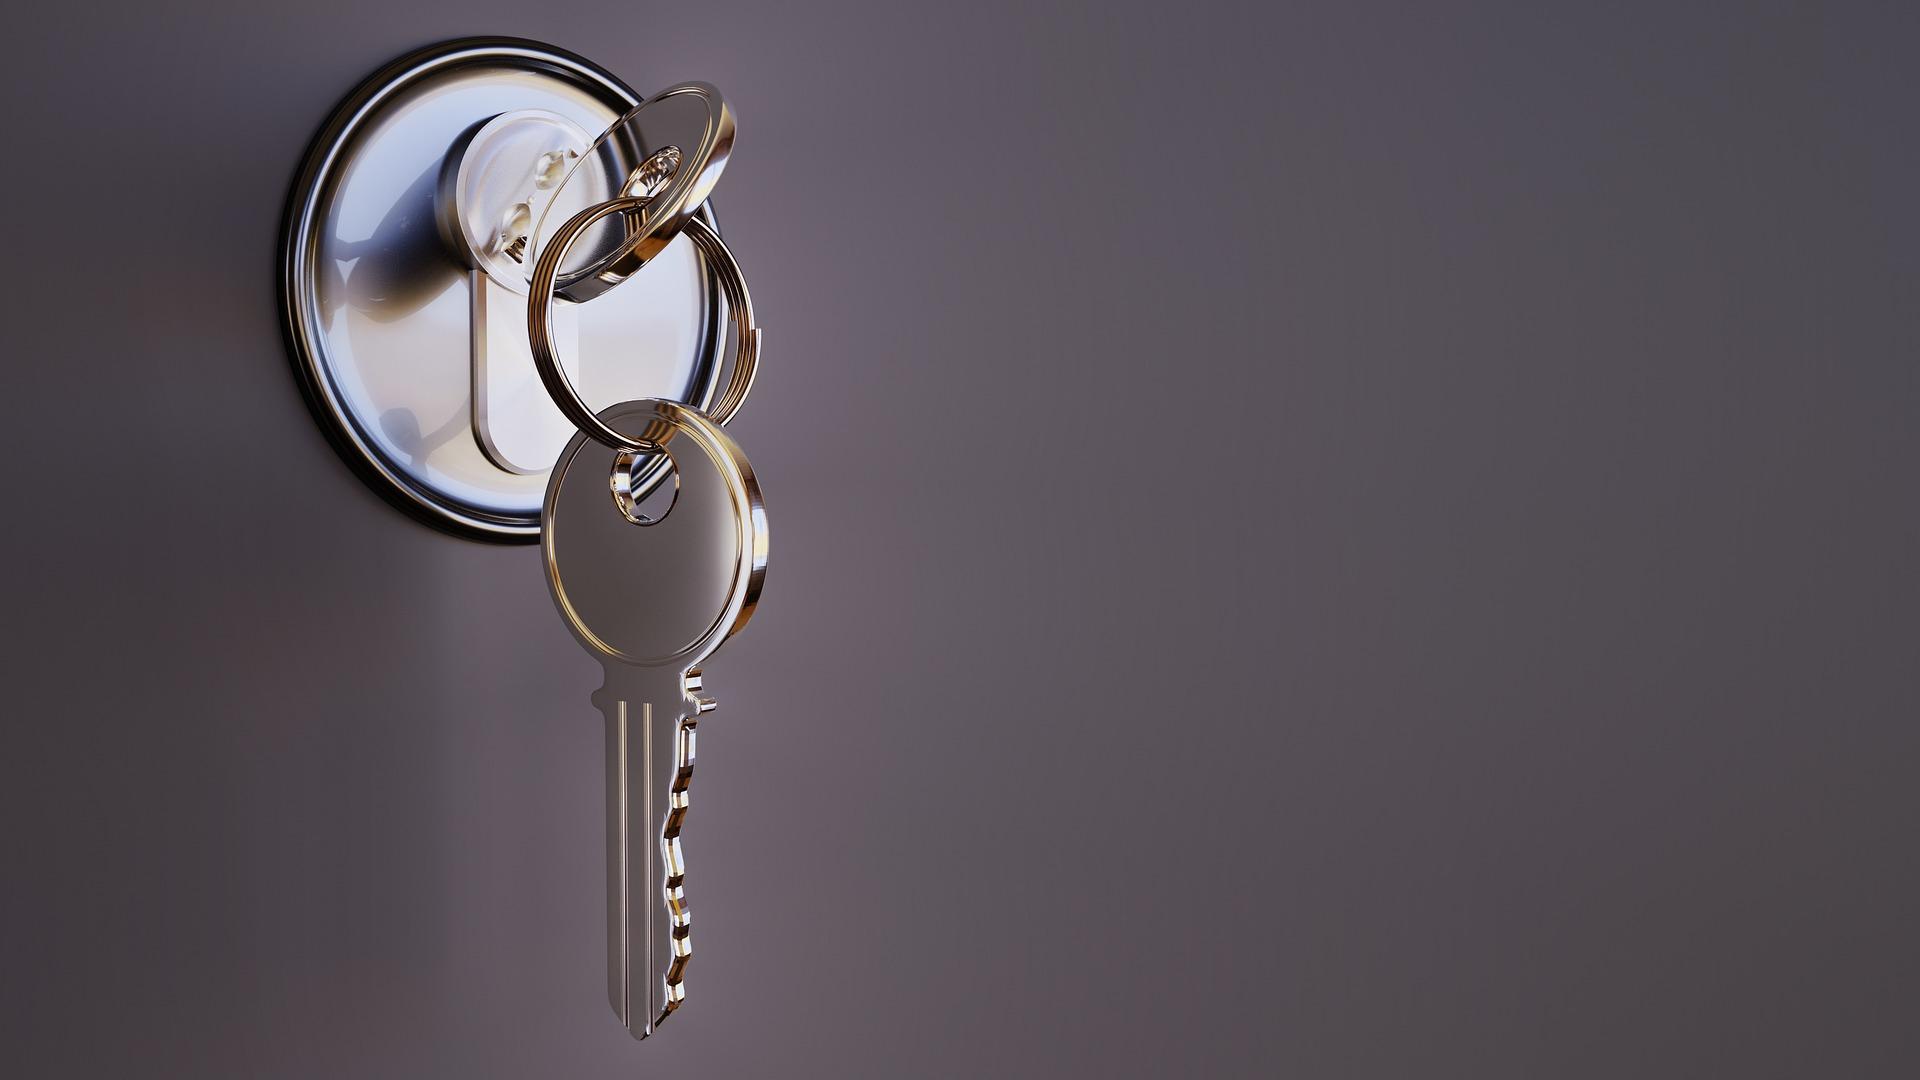 Key Holding & Alarm Response